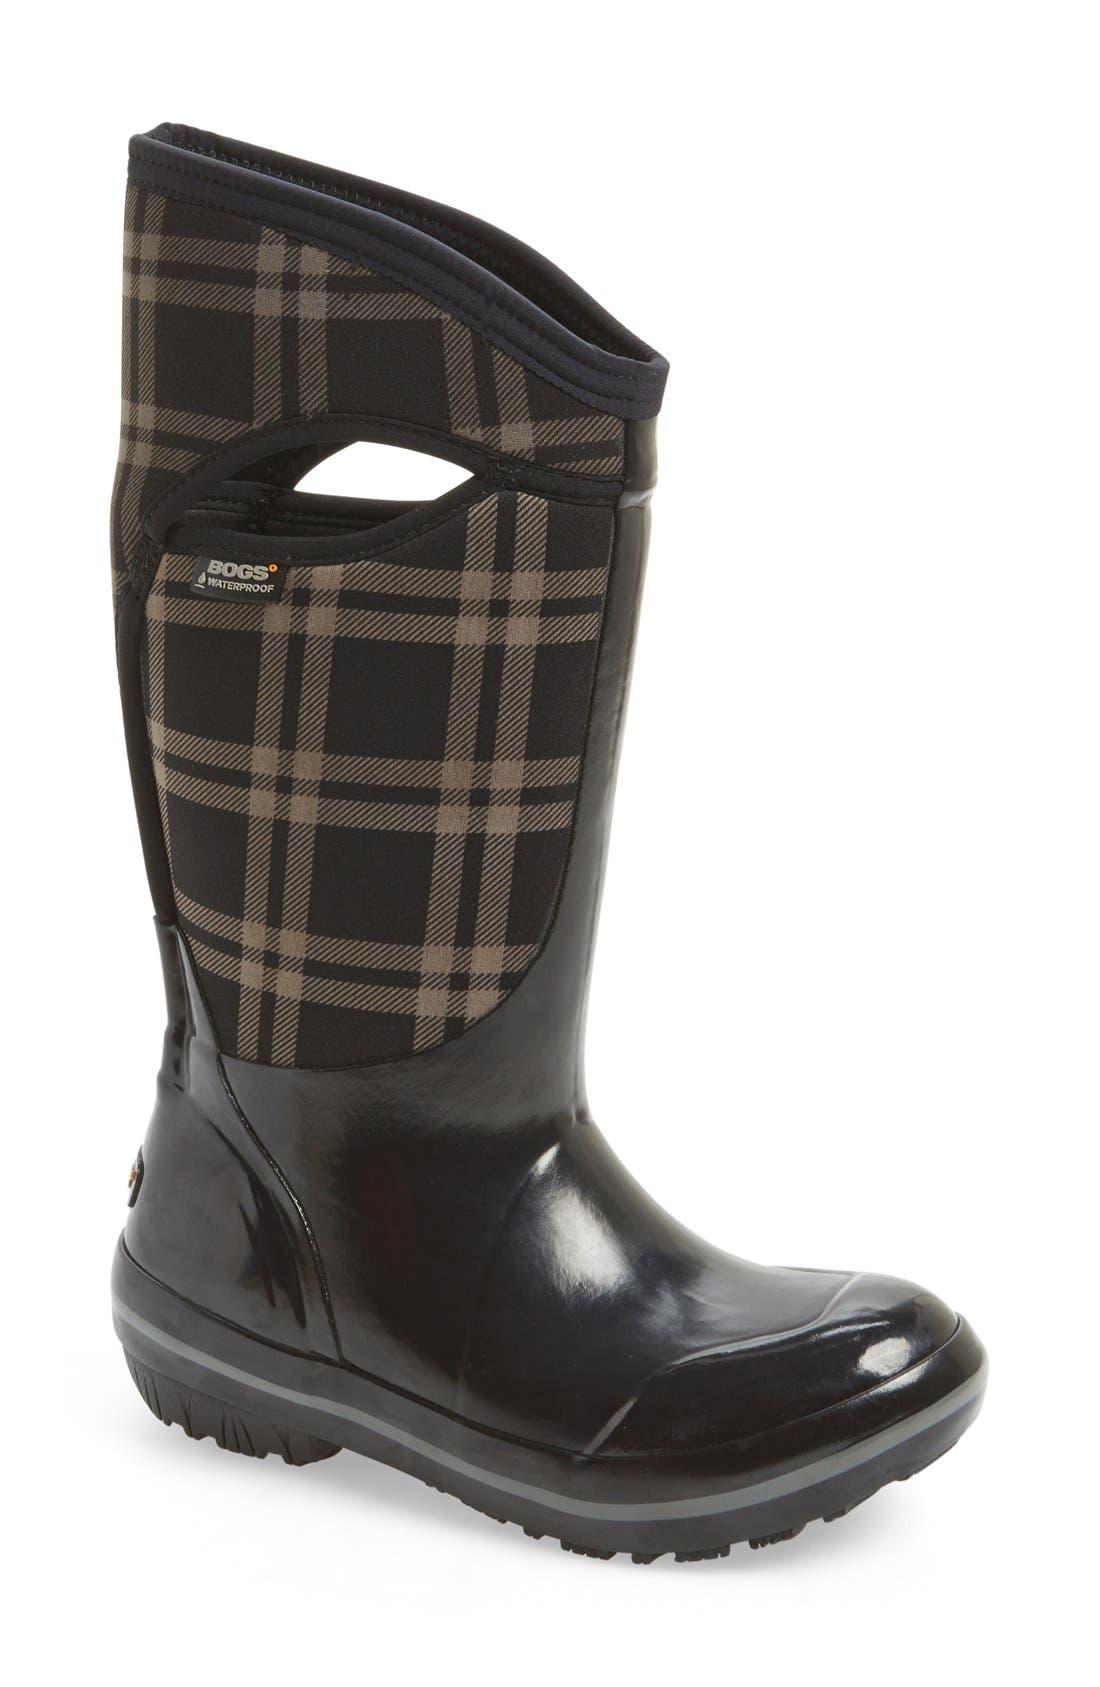 Alternate Image 1 Selected - Bogs 'Plimsoll' Waterproof Boot (Women)